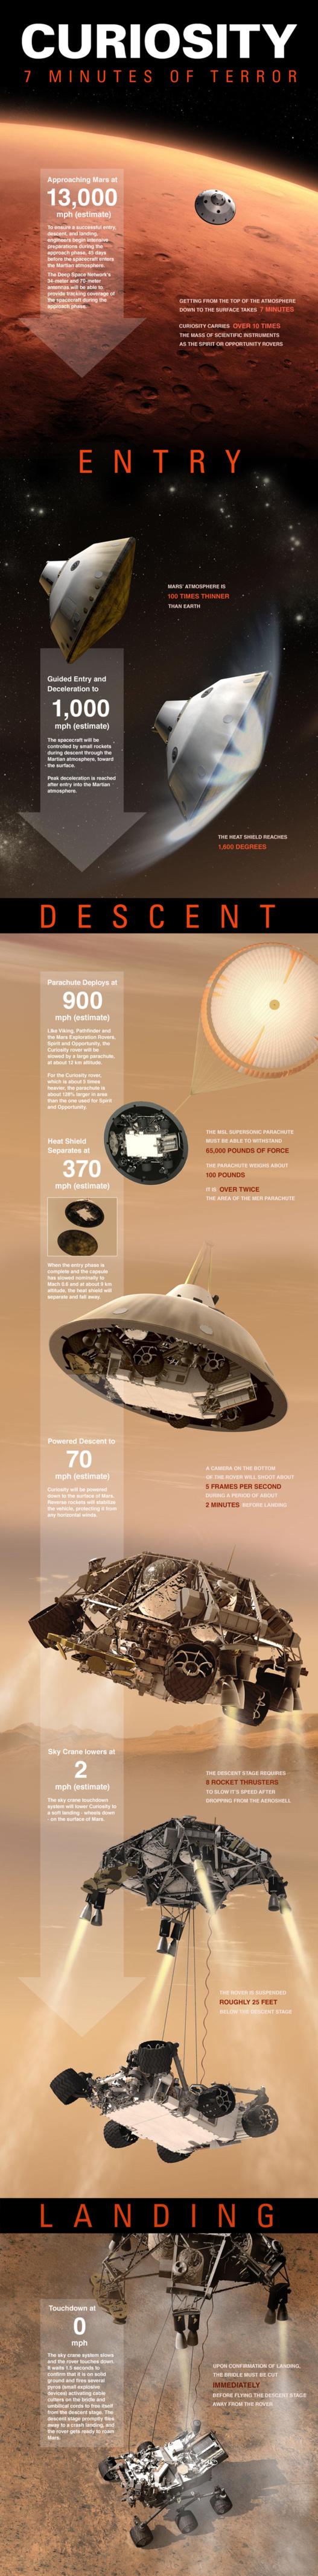 L'atterrissage de Curiosity sur Mars expliqué en 1 image